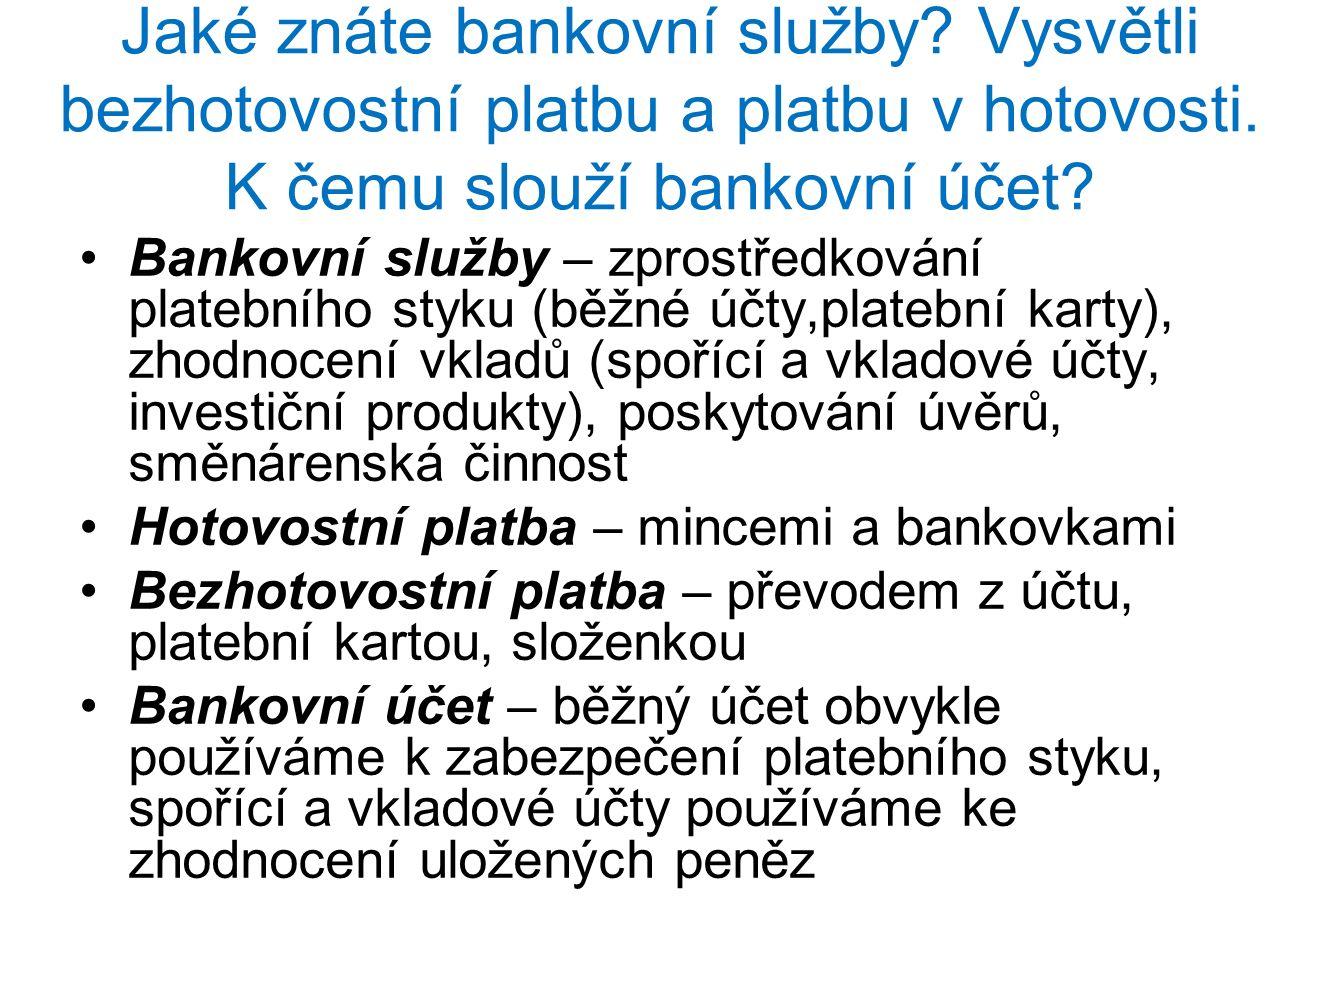 Jaké znáte bankovní služby? Vysvětli bezhotovostní platbu a platbu v hotovosti. K čemu slouží bankovní účet? Bankovní služby – zprostředkování platebn